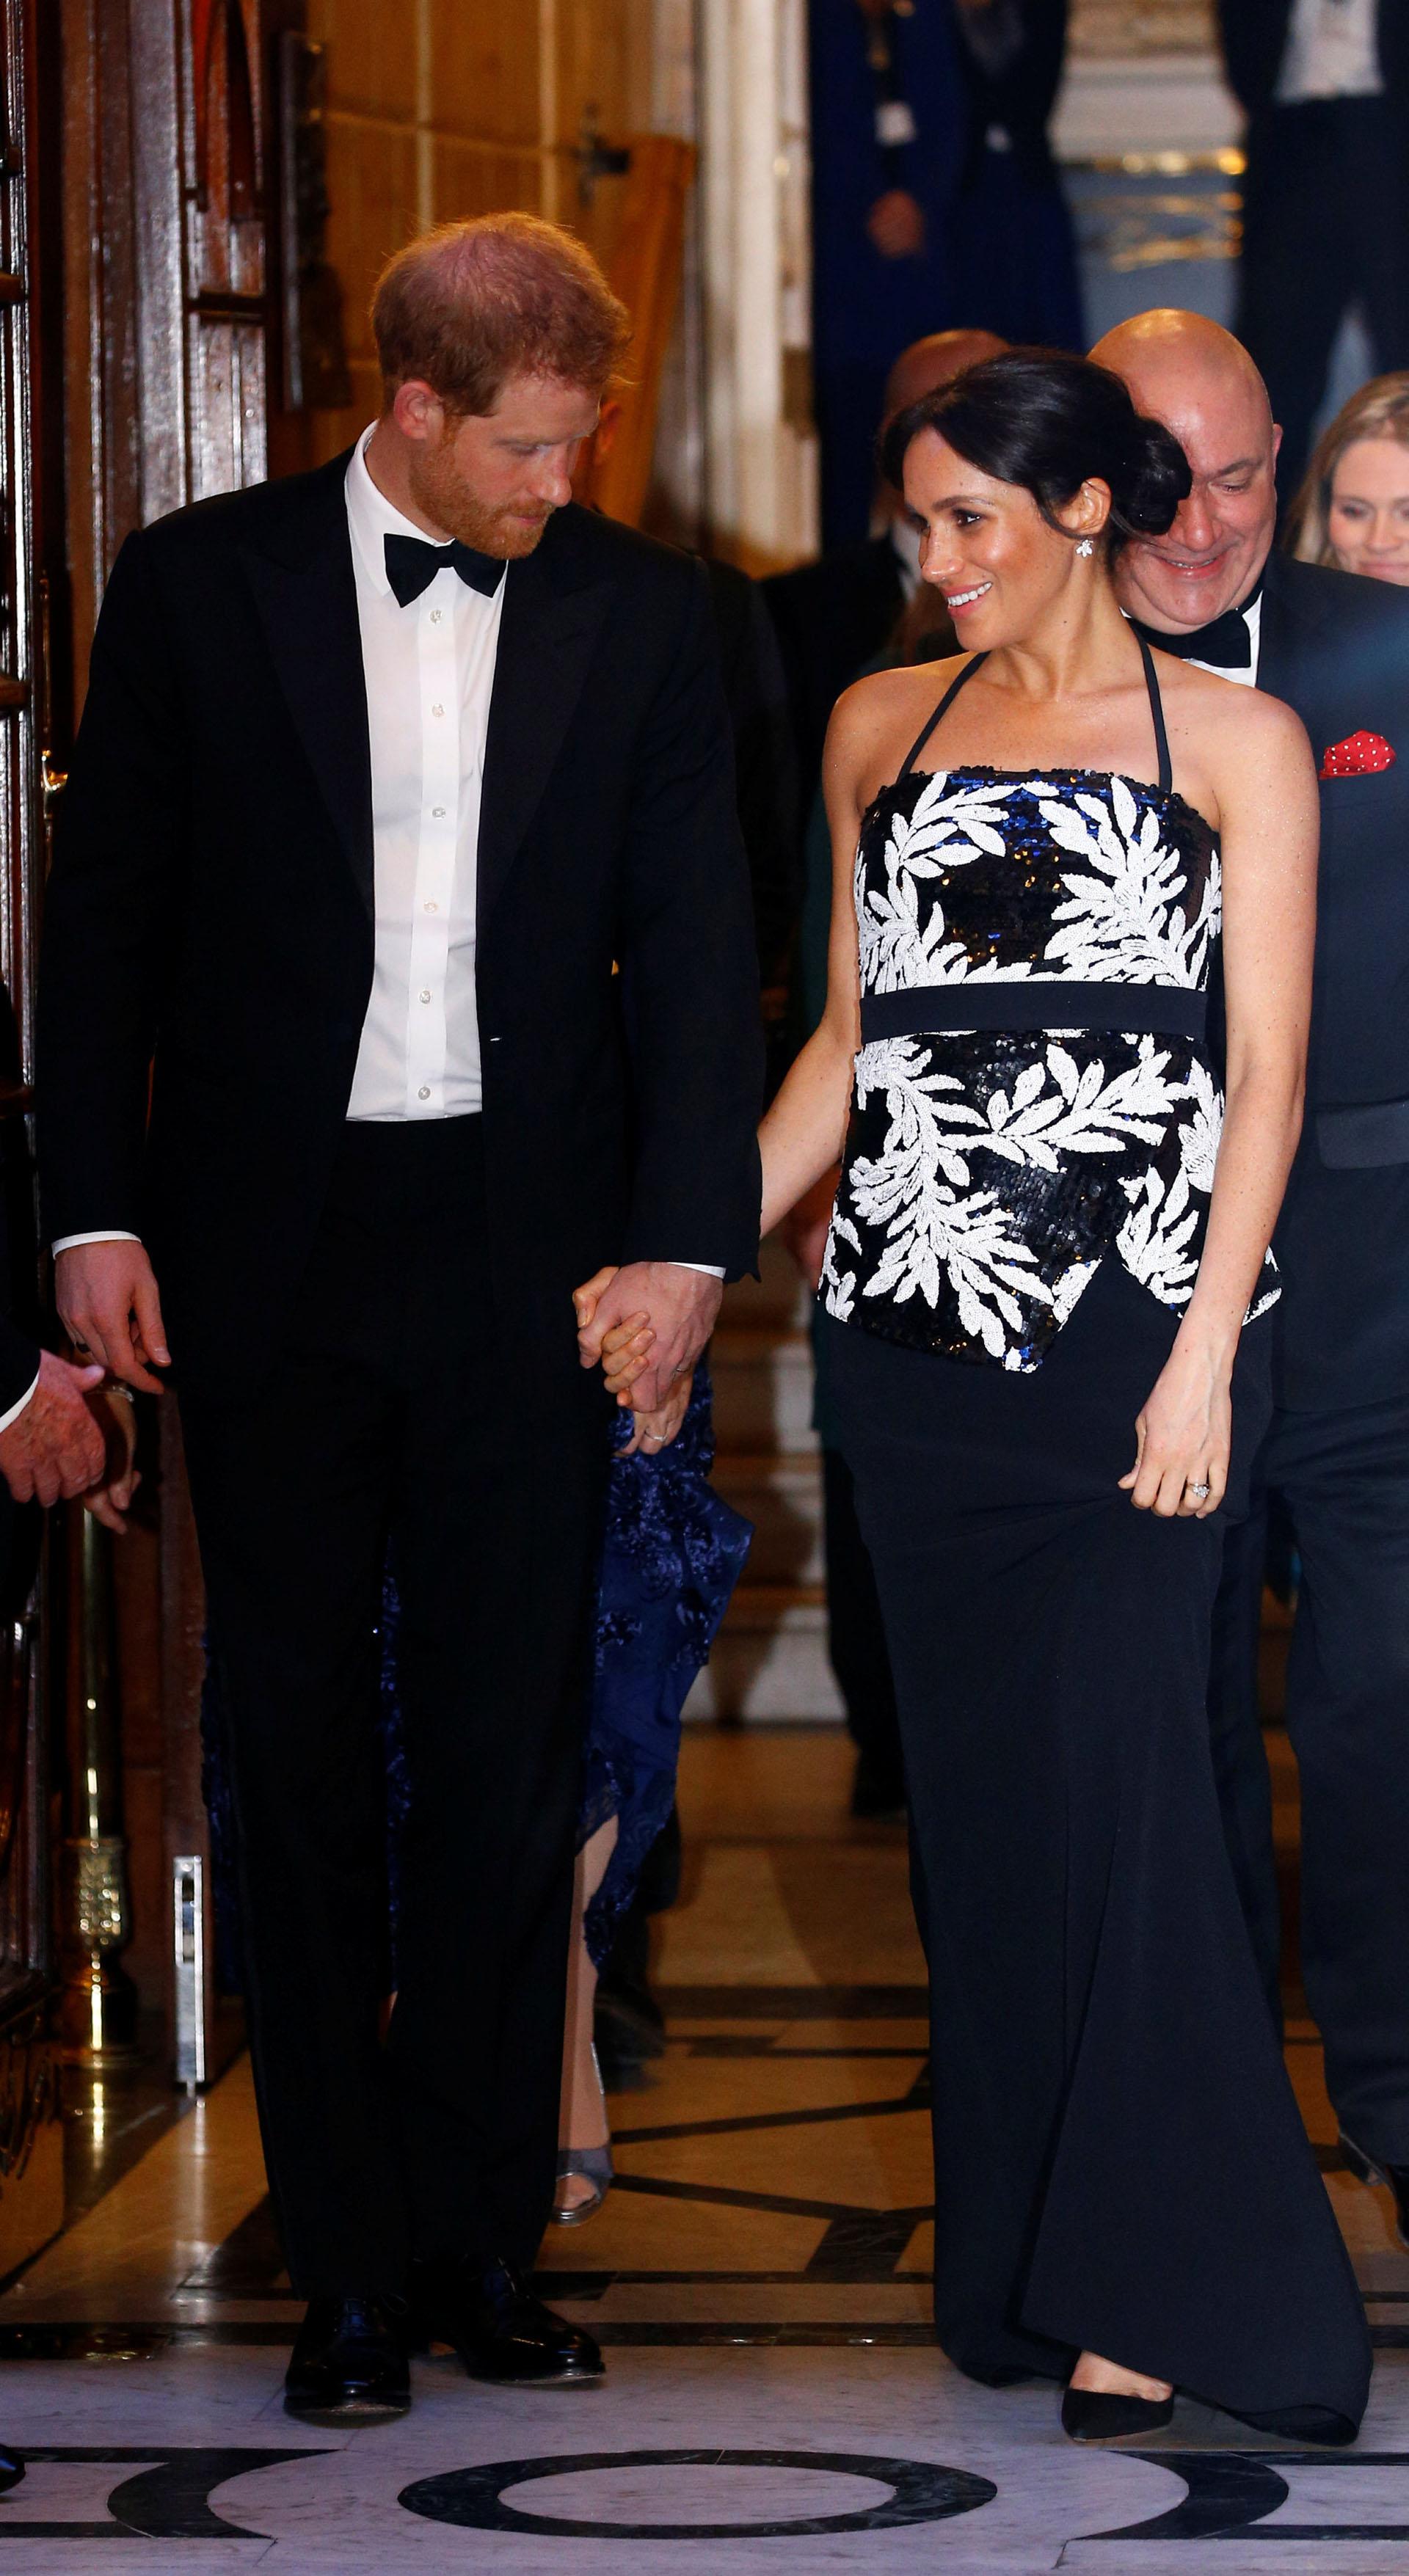 En la presentación de Royal Variety, que recaudó dinero para la Royal Variety Charity, Meghan llevó una falda negra con un top con detalles florales blancos, ambos de Safiyaa (REUTERS)